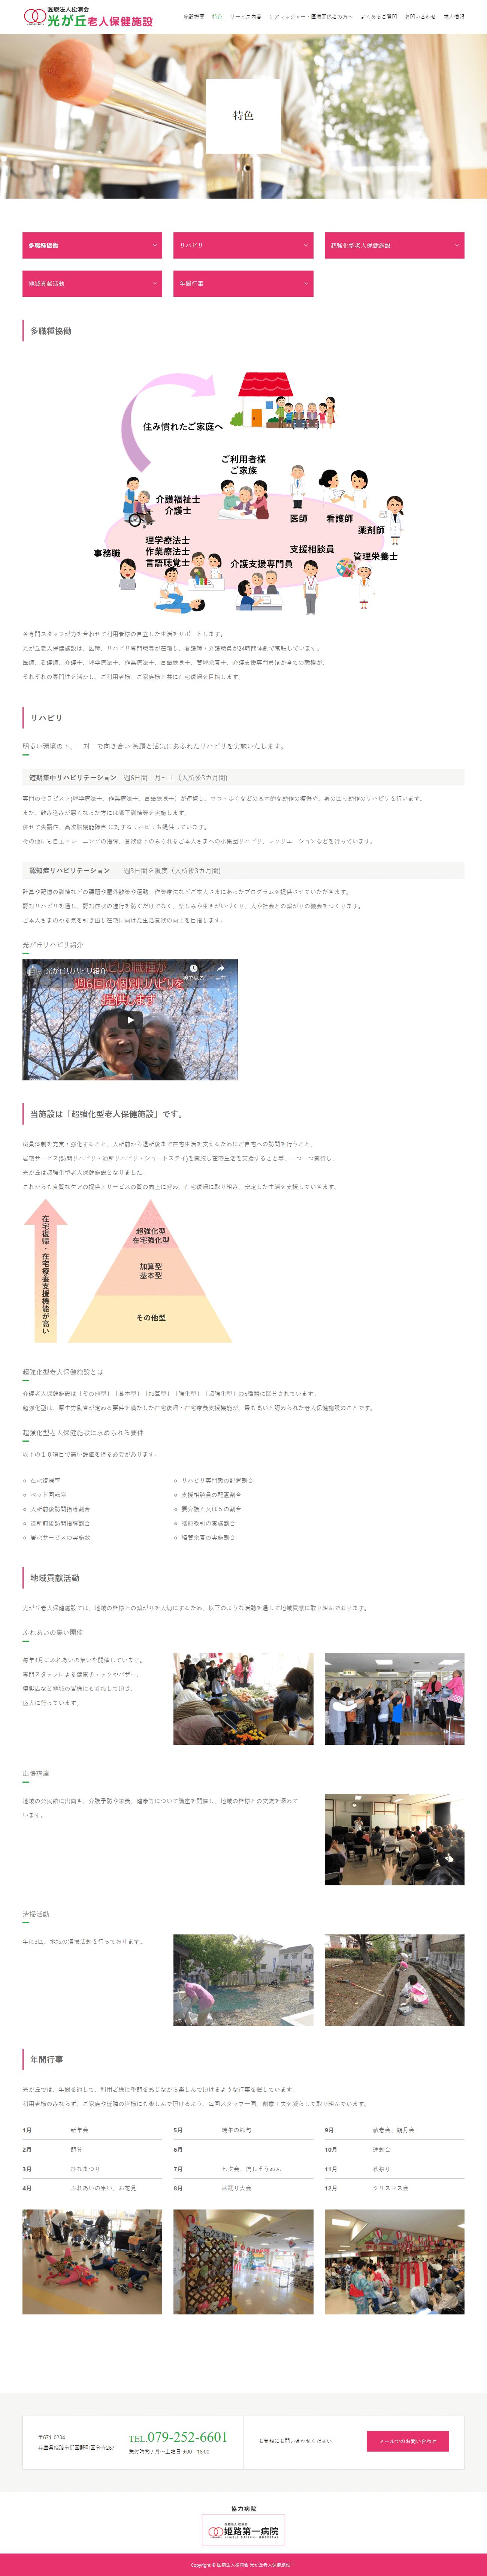 姫路市 光が丘老人保健施設 ホームページ制作2